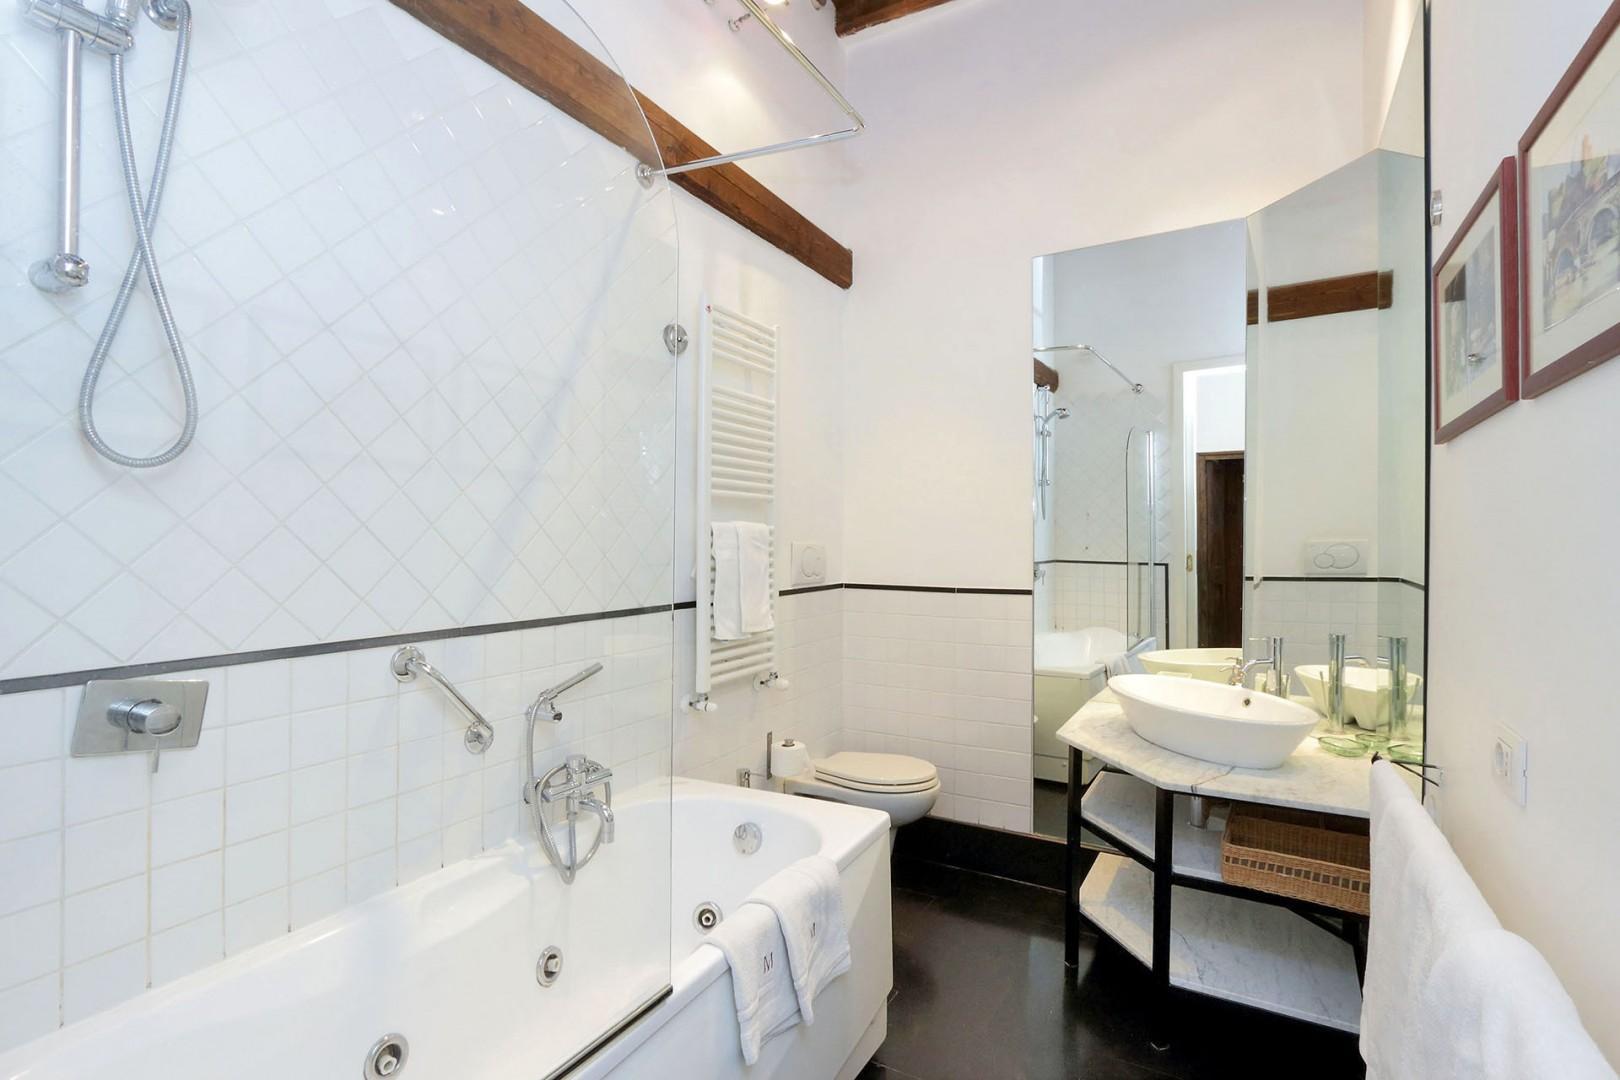 En suite bathroom for bedroom 1 is clean and modern.